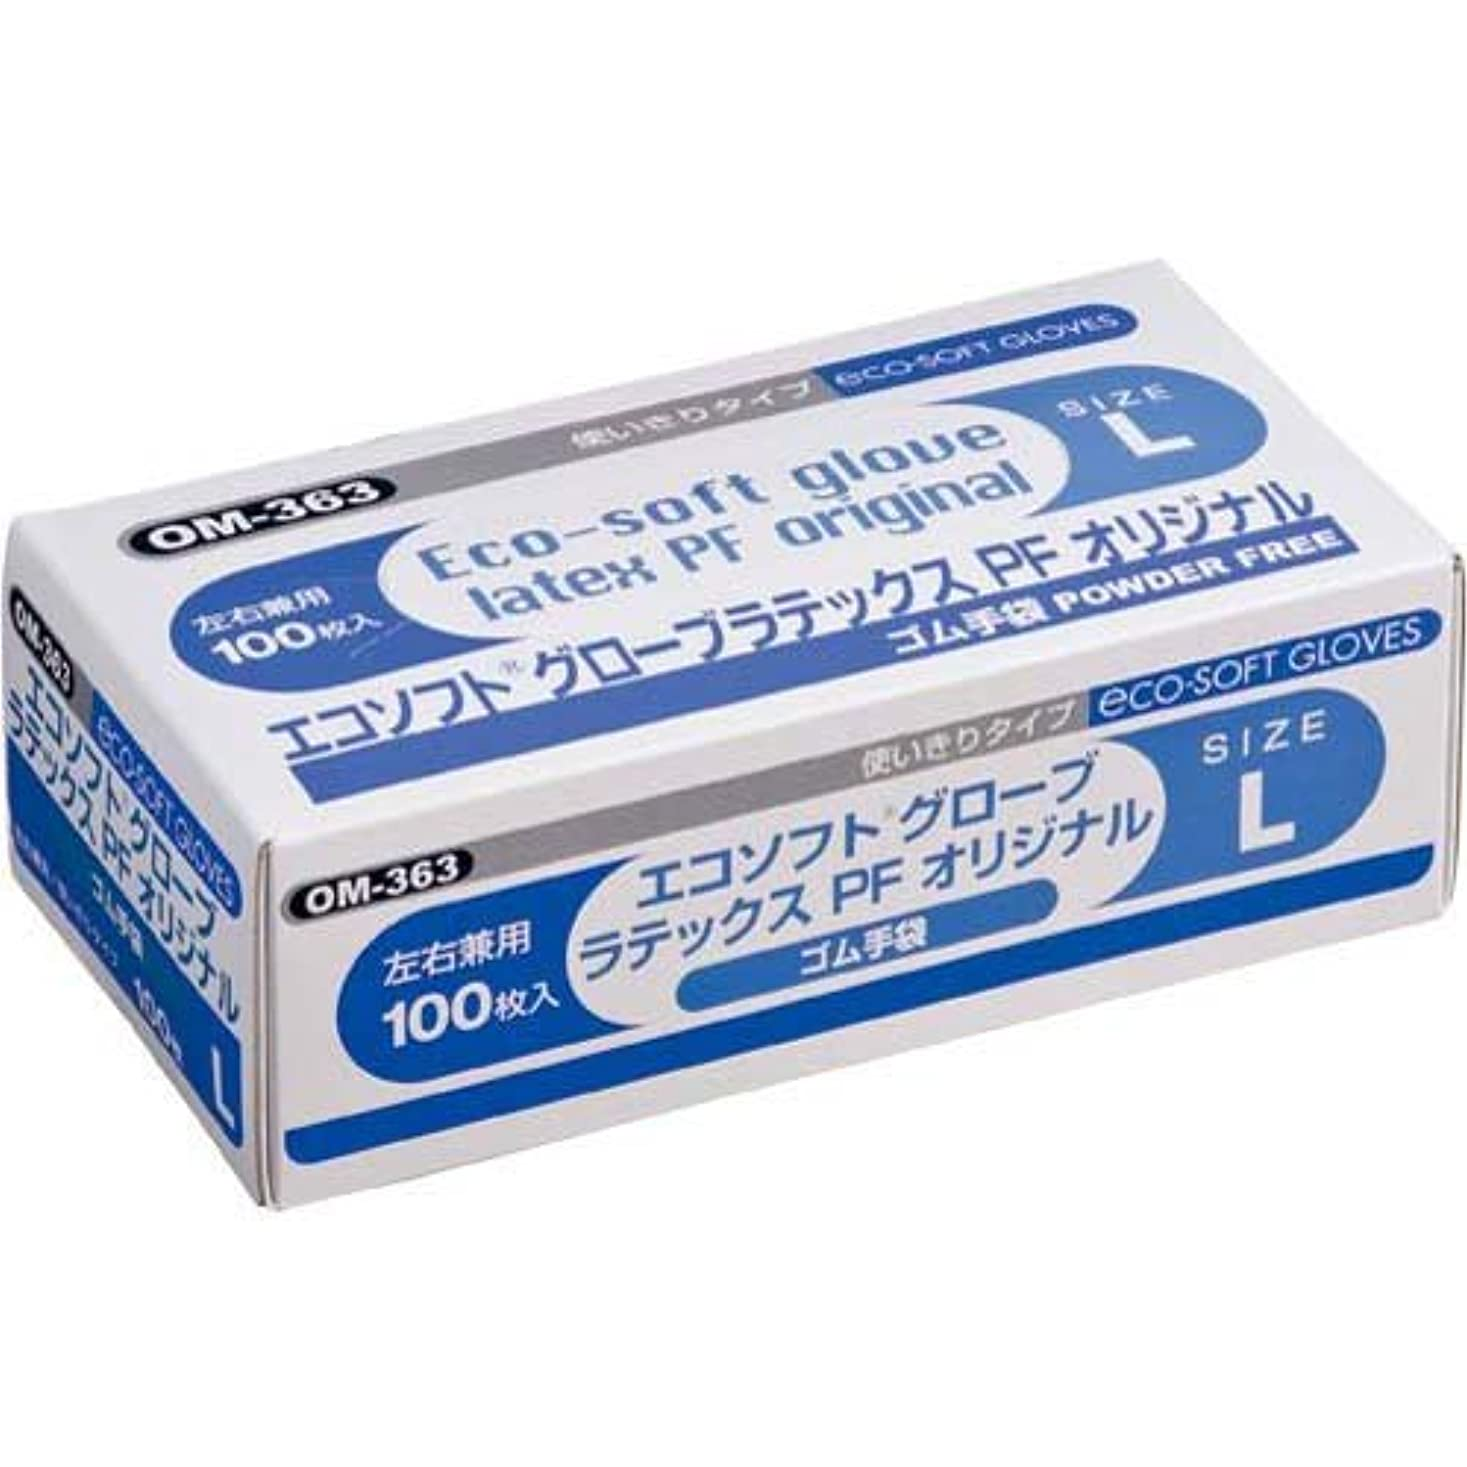 科学的ギャロップ電話するオカモト エコソフト ラテックス手袋 粉無 L 10箱